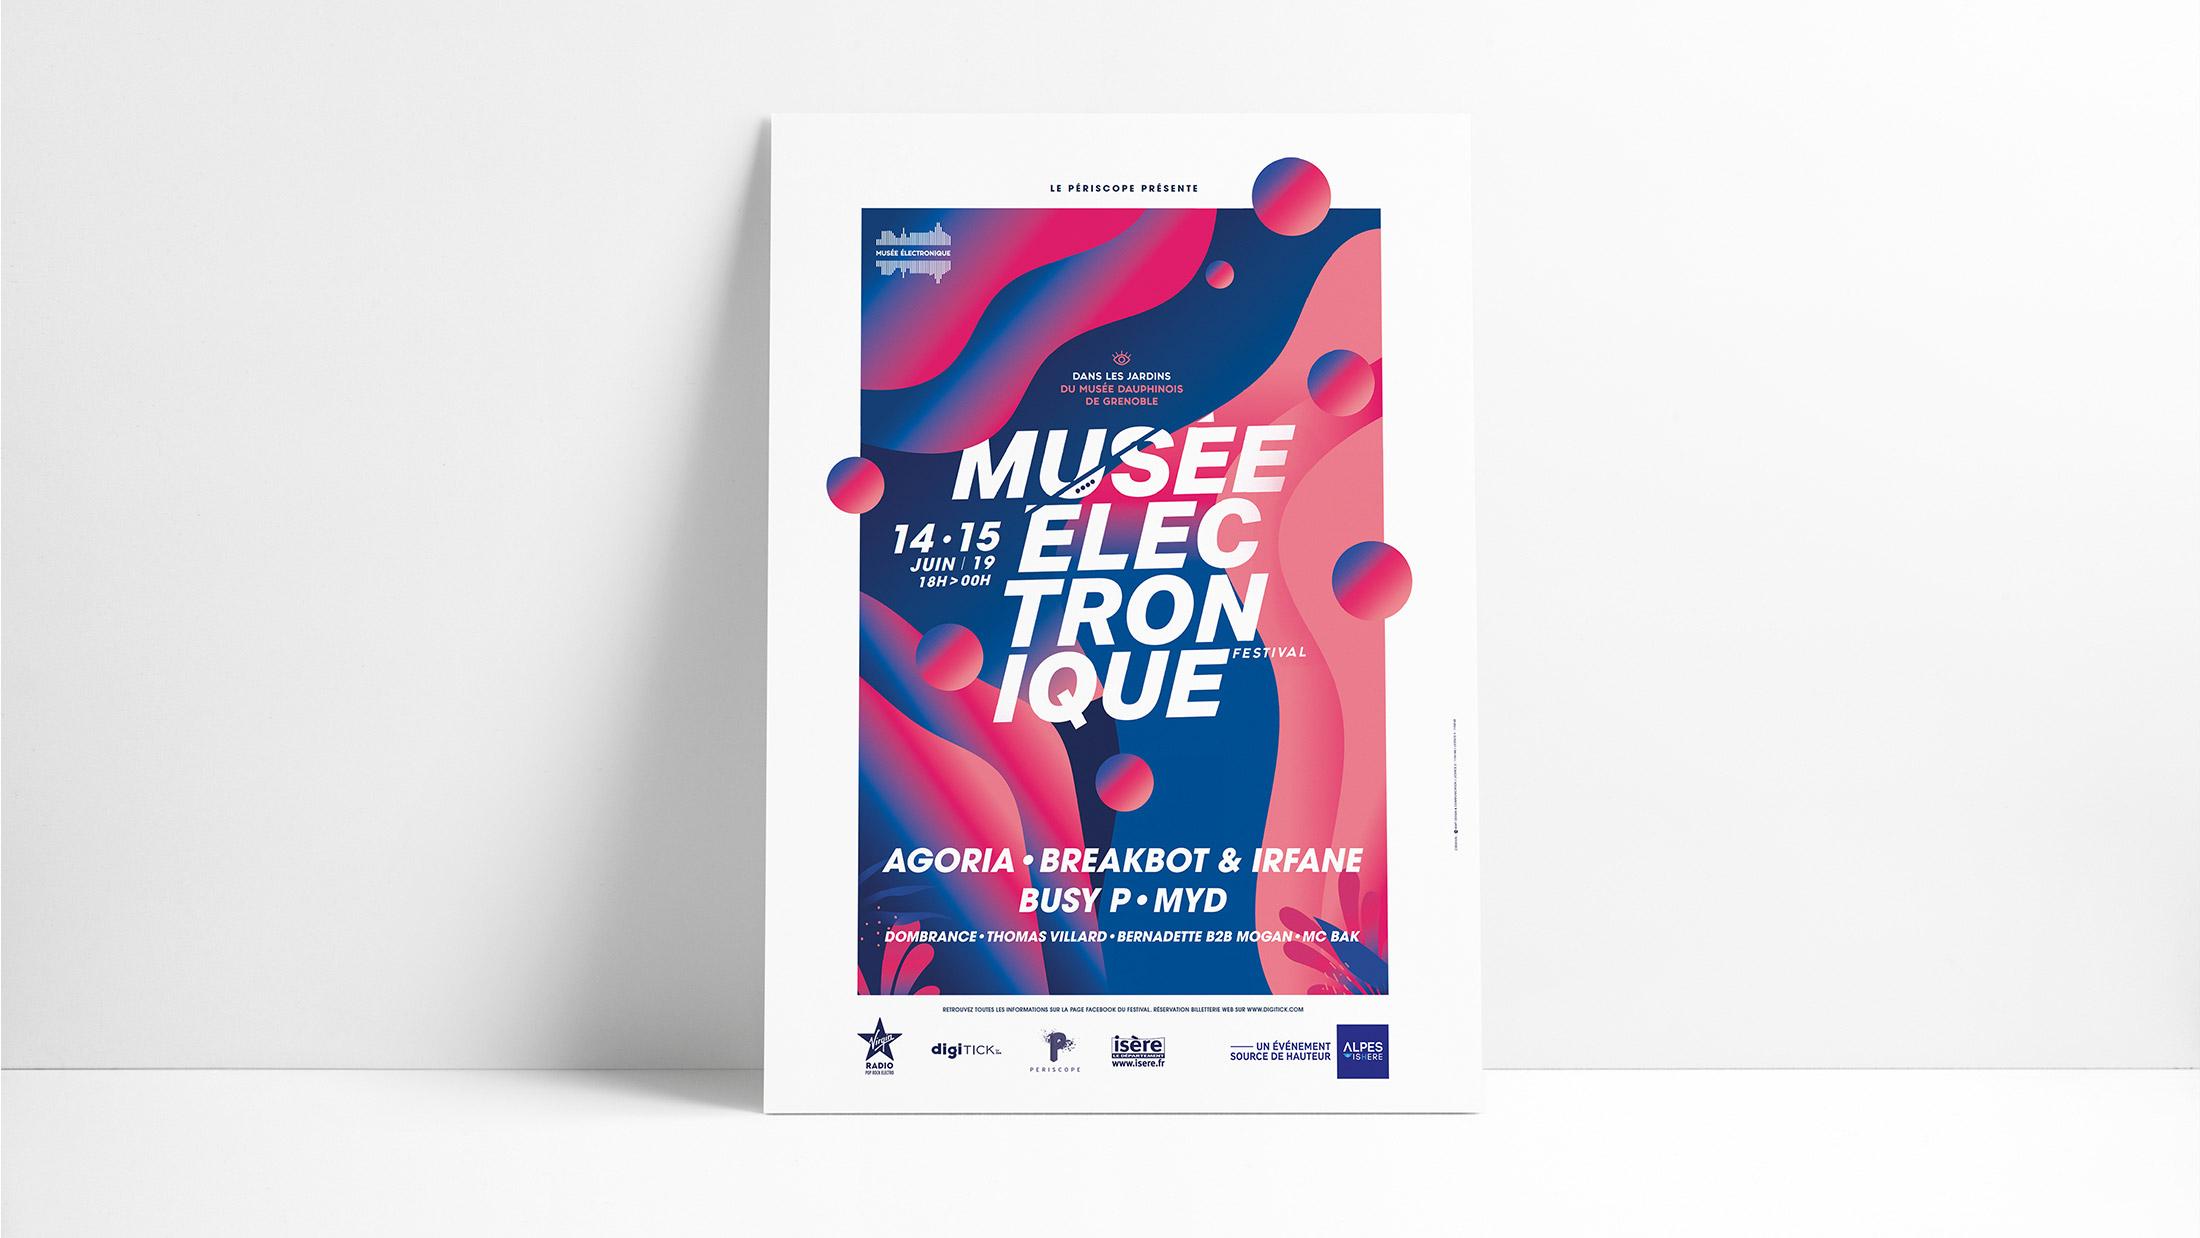 La musique s'invite au musée